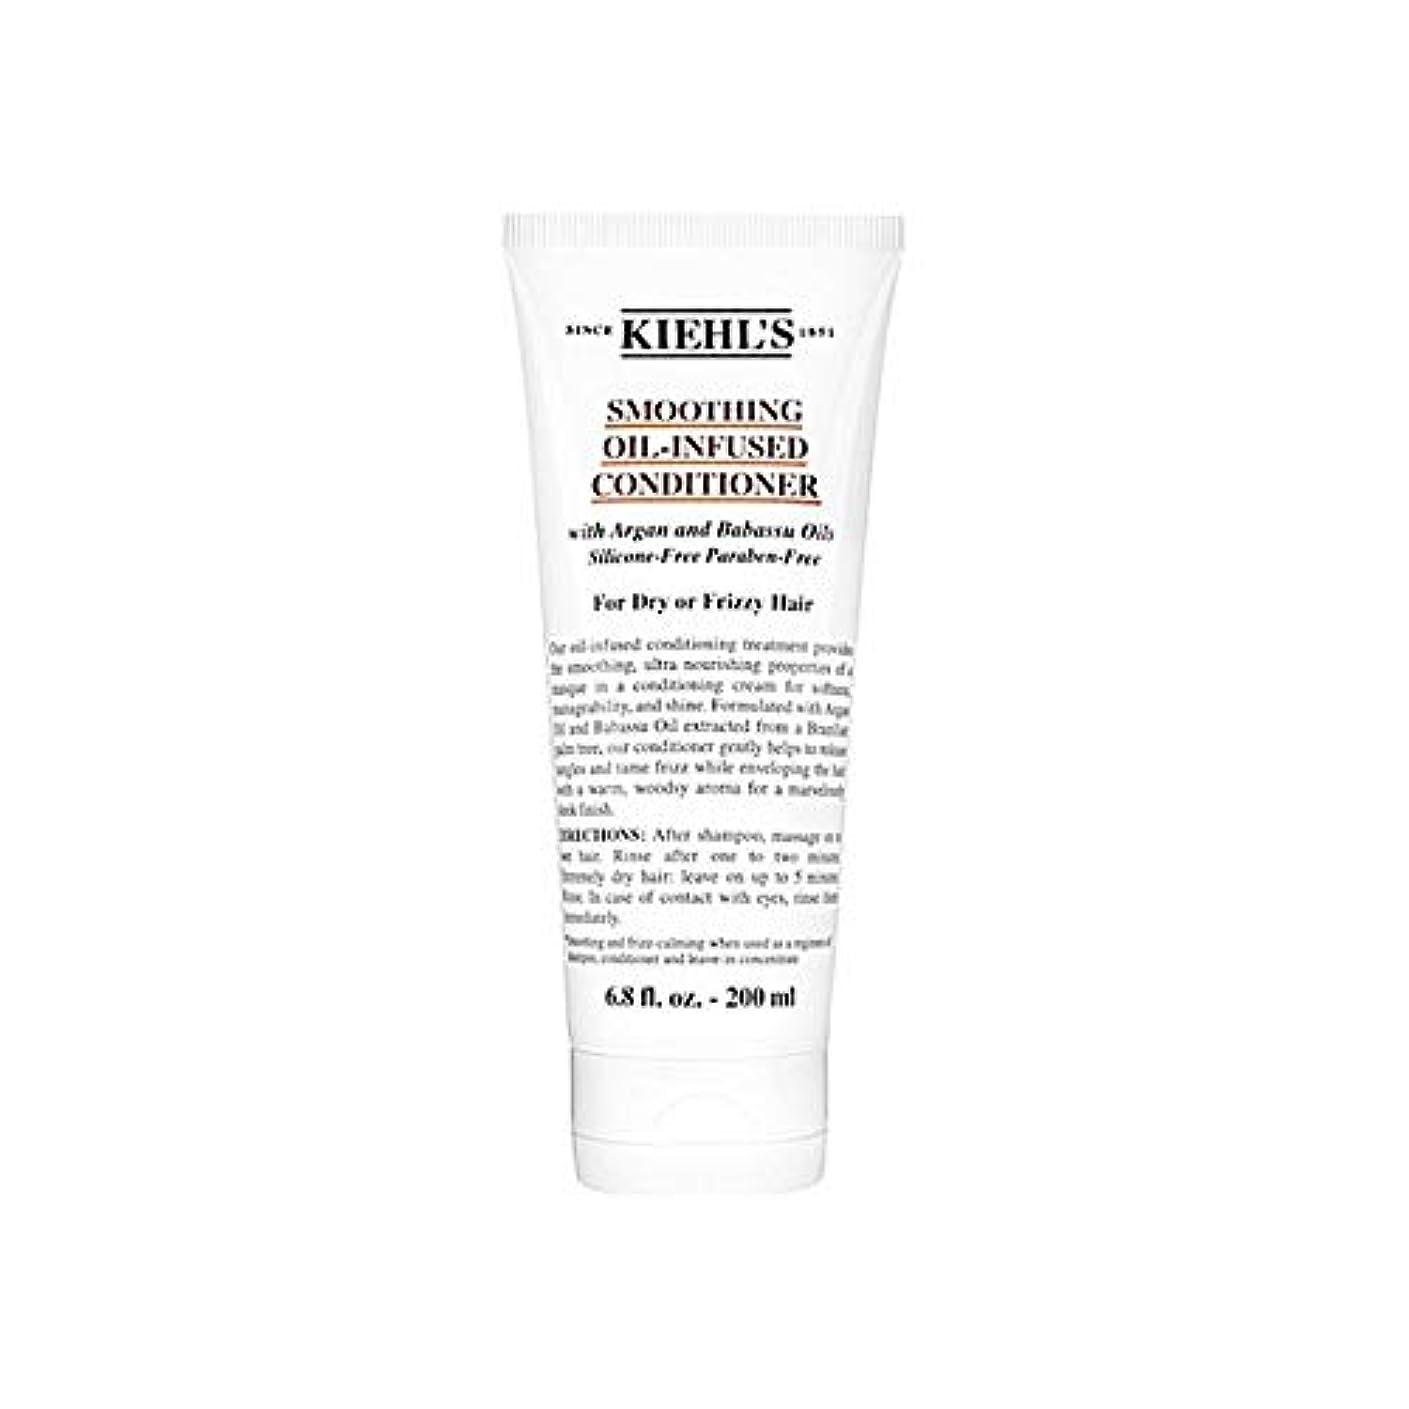 不安ヒューバートハドソン生理[Kiehl's ] キールズスムージングオイル注入コンディショナー200Ml - Kiehl's Smoothing Oil-Infused Conditioner 200ml [並行輸入品]